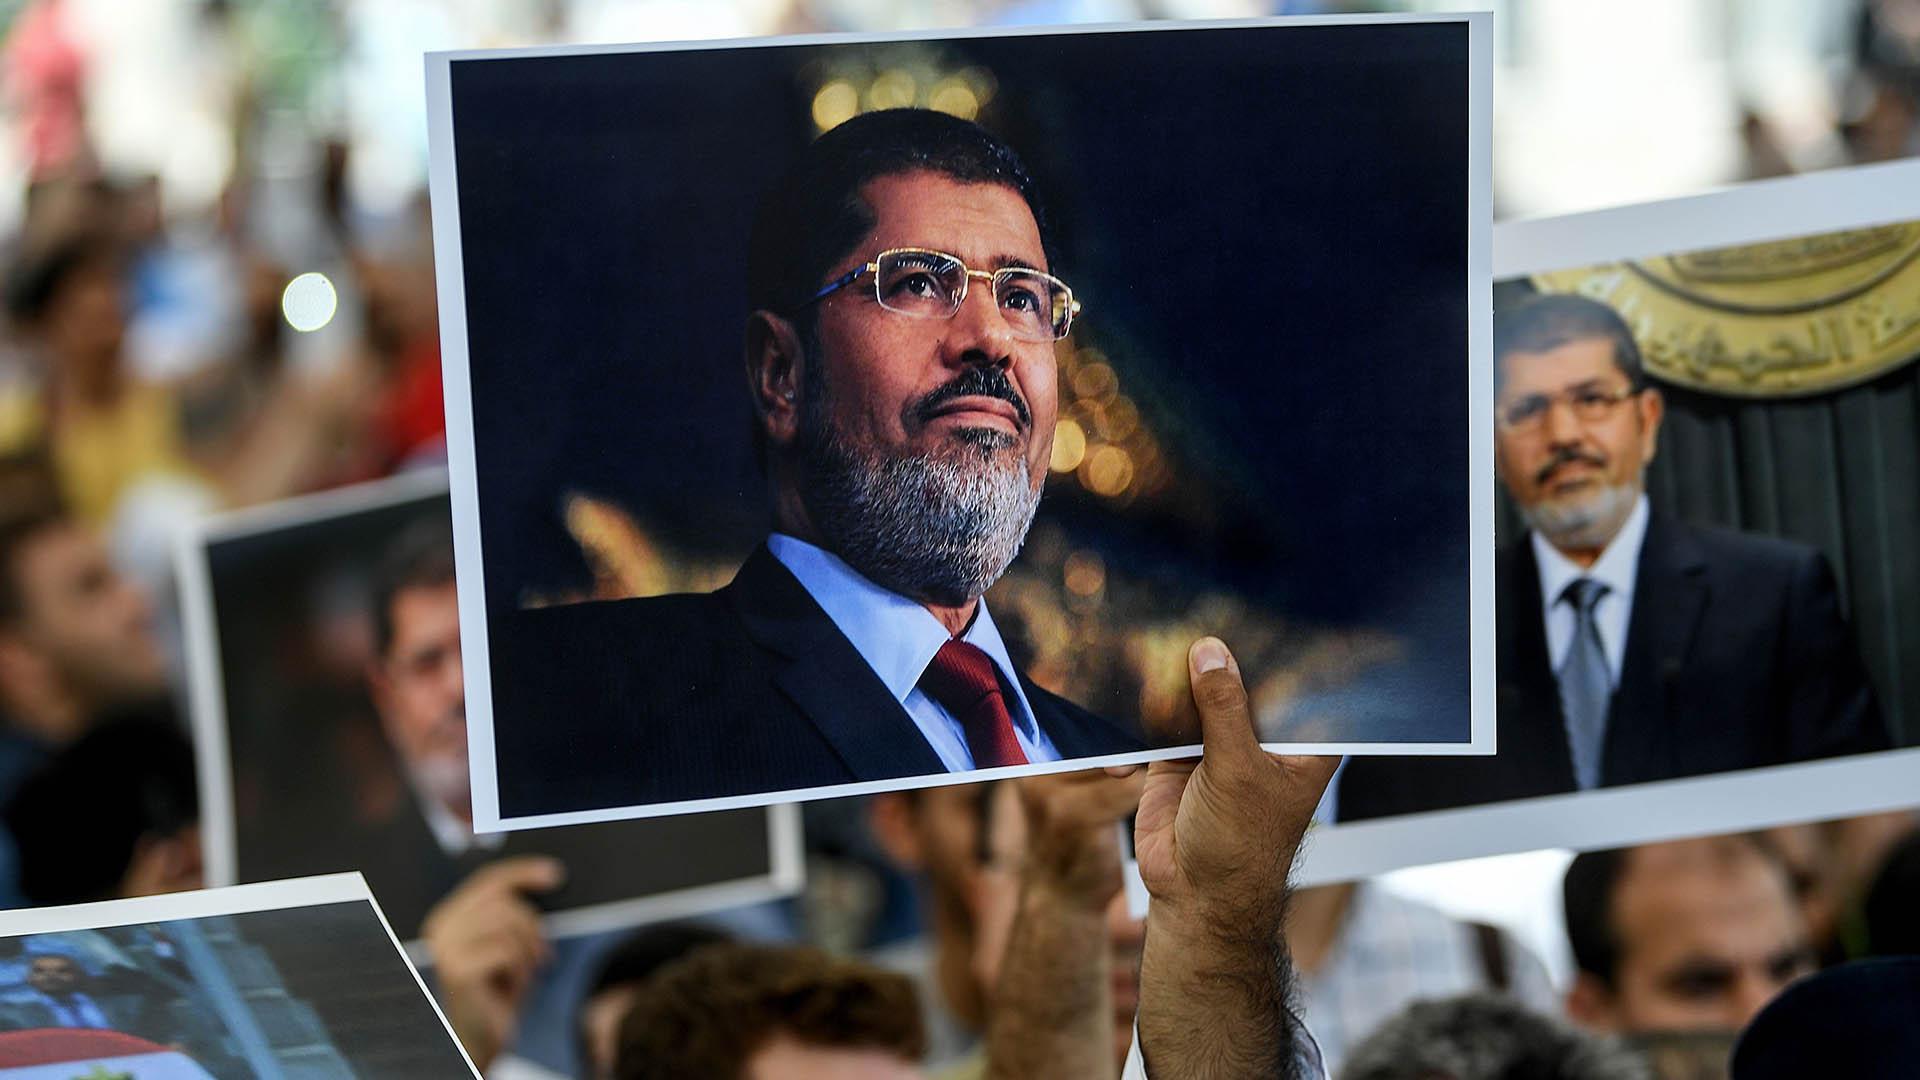 حلقة-خاصة-بتداعيات-وفاة-محمد-مرسي